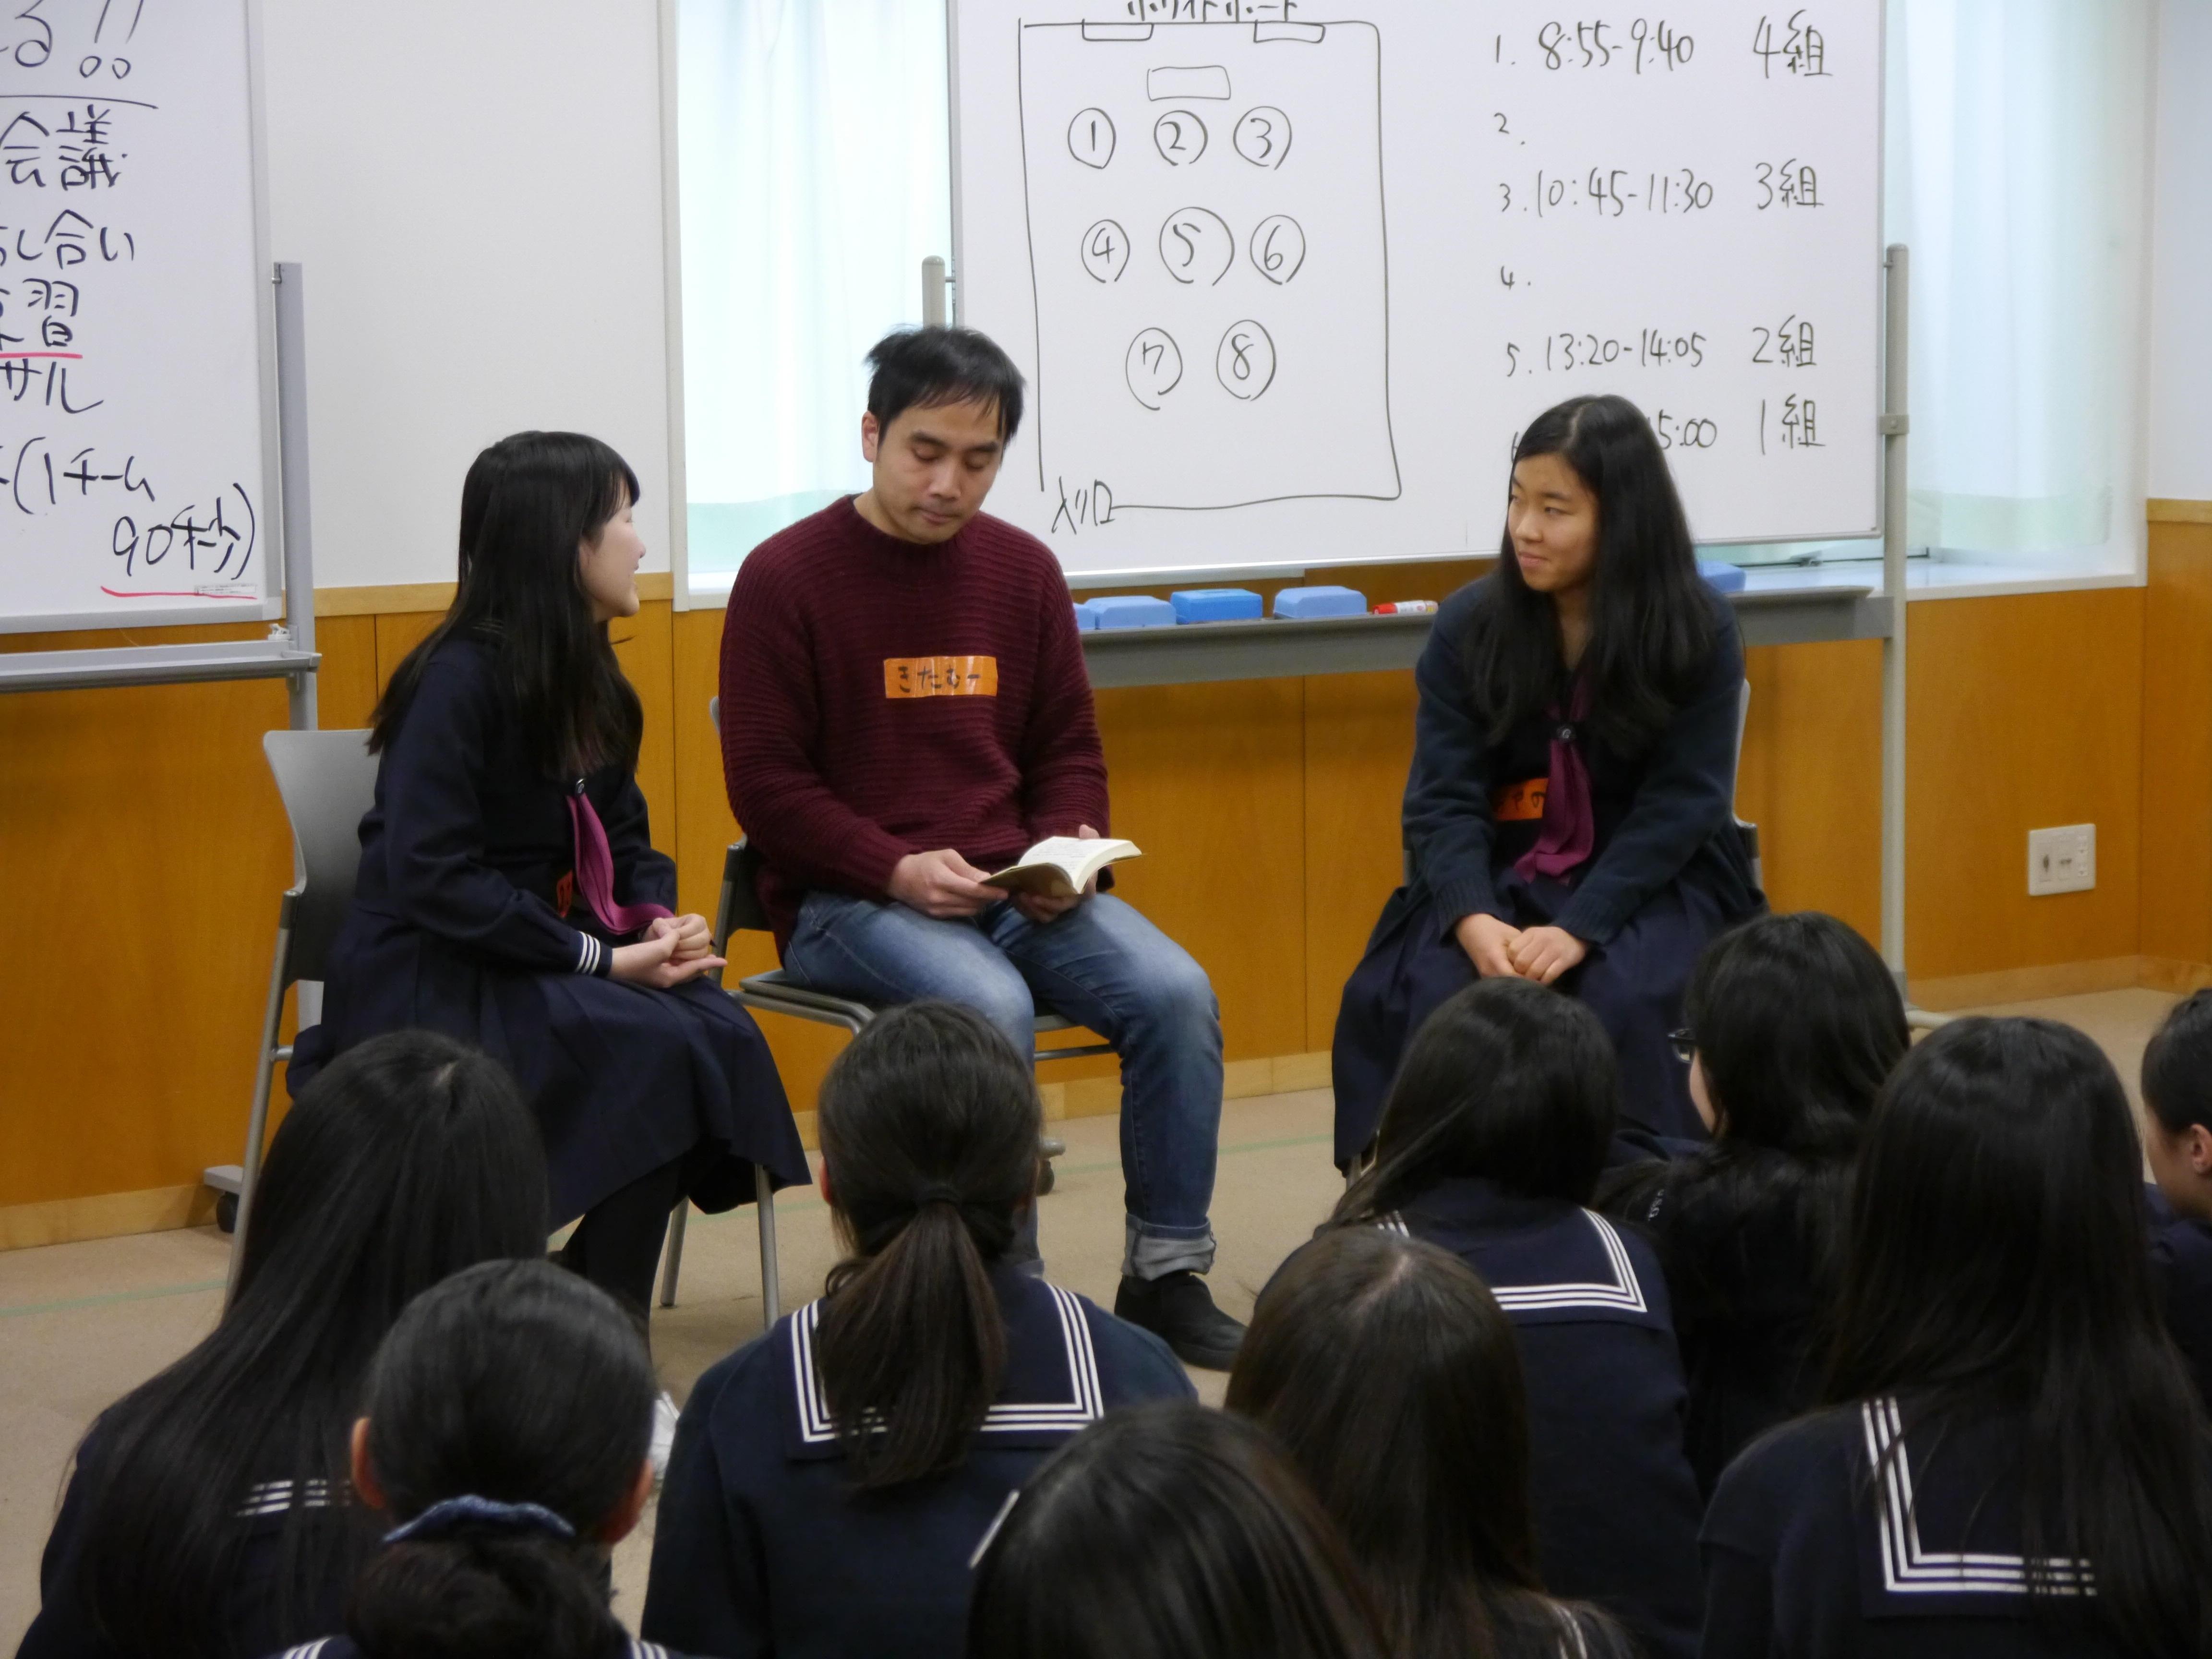 「イスから立たせよ!」 -- 女子聖学院中学校が国語の授業で「演劇ワークショップ」を実施~異なる価値観を持った人の説得を通して、生徒の表現力や思考力を鍛える